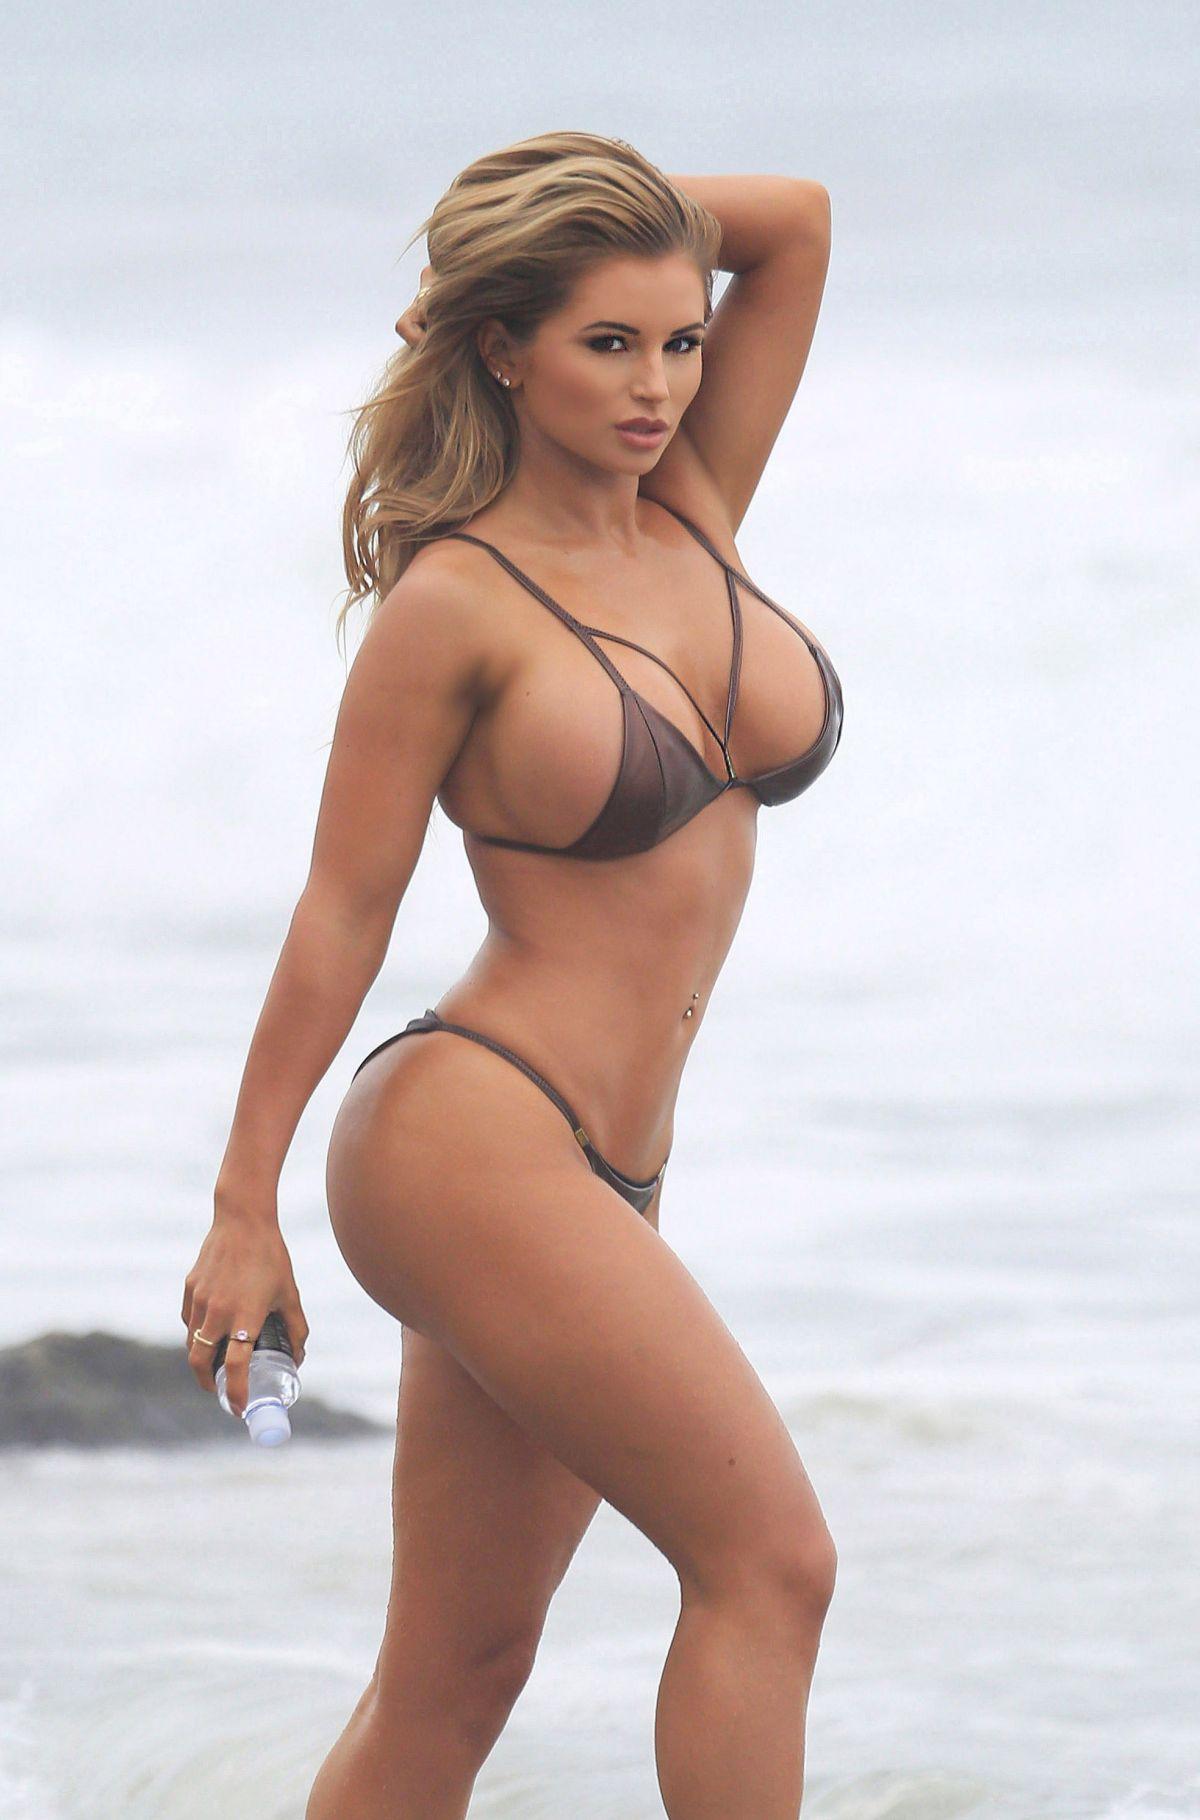 pic sex bikini Amy lee